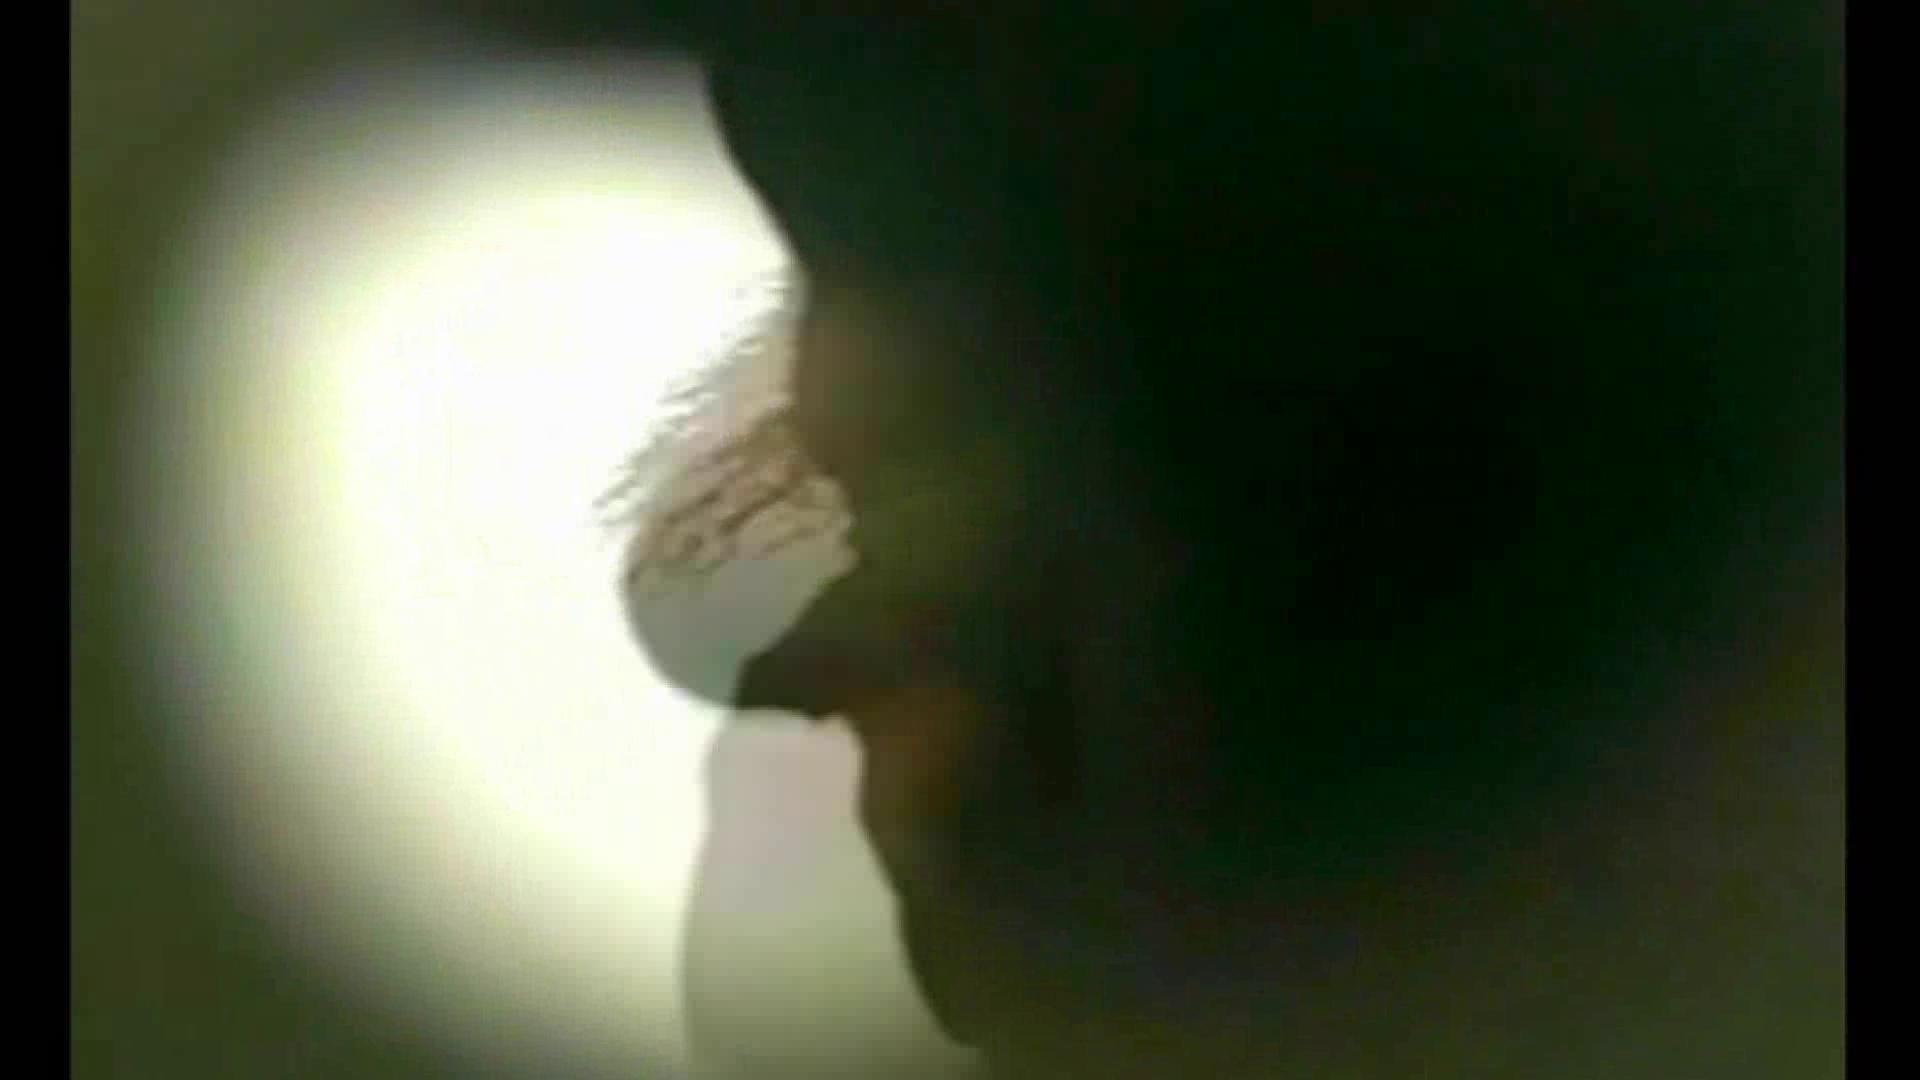 イケメンの素顔in洗面所 Vol.15 イケメンのsex | 男天国  52pic 27